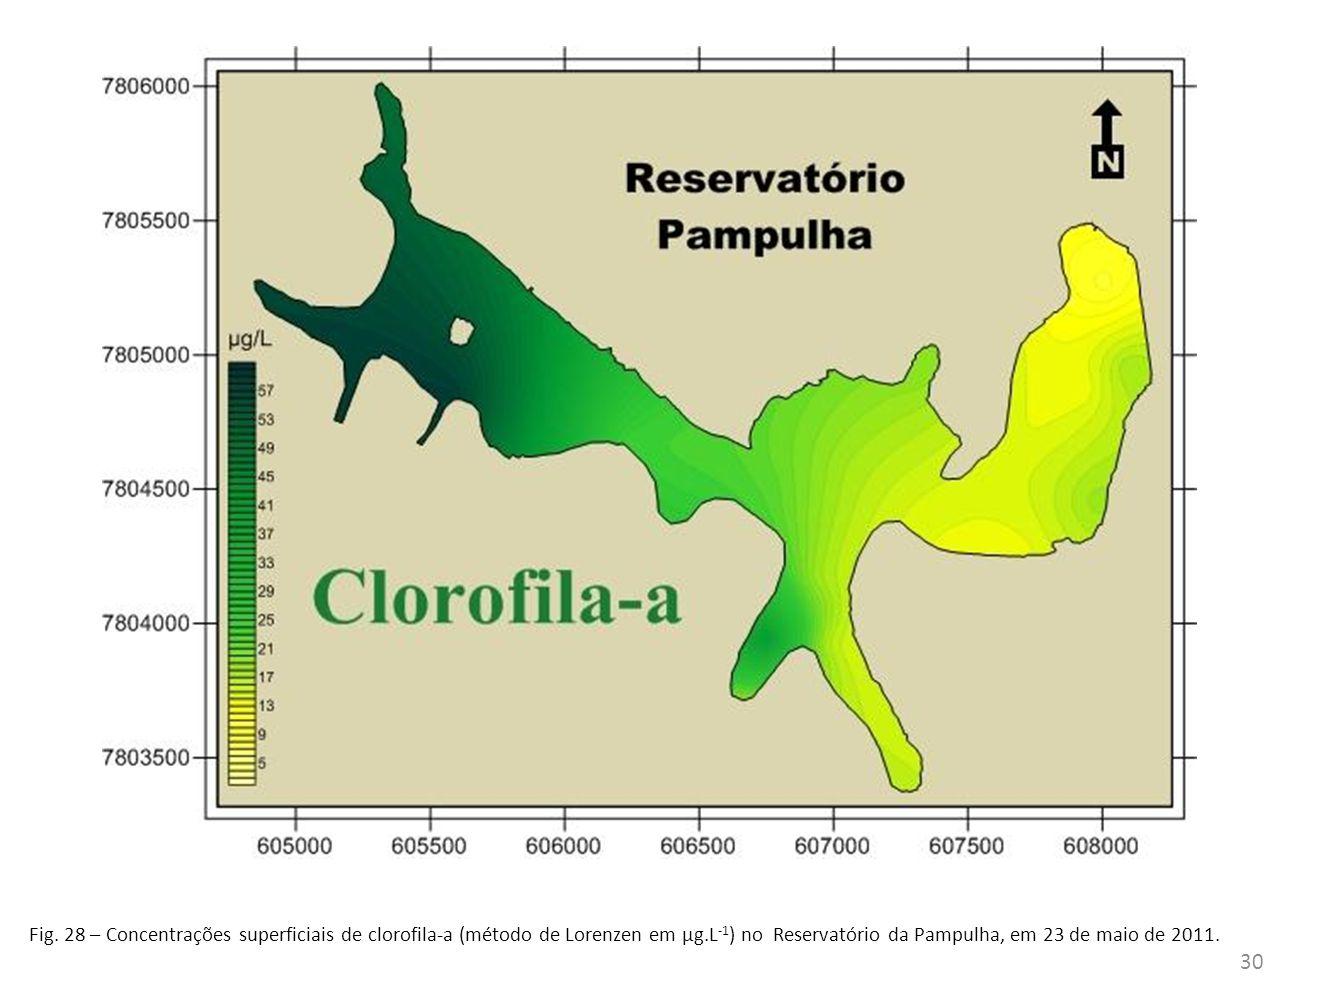 Fig. 28 – Concentrações superficiais de clorofila-a (método de Lorenzen em µg.L -1 ) no Reservatório da Pampulha, em 23 de maio de 2011. 30